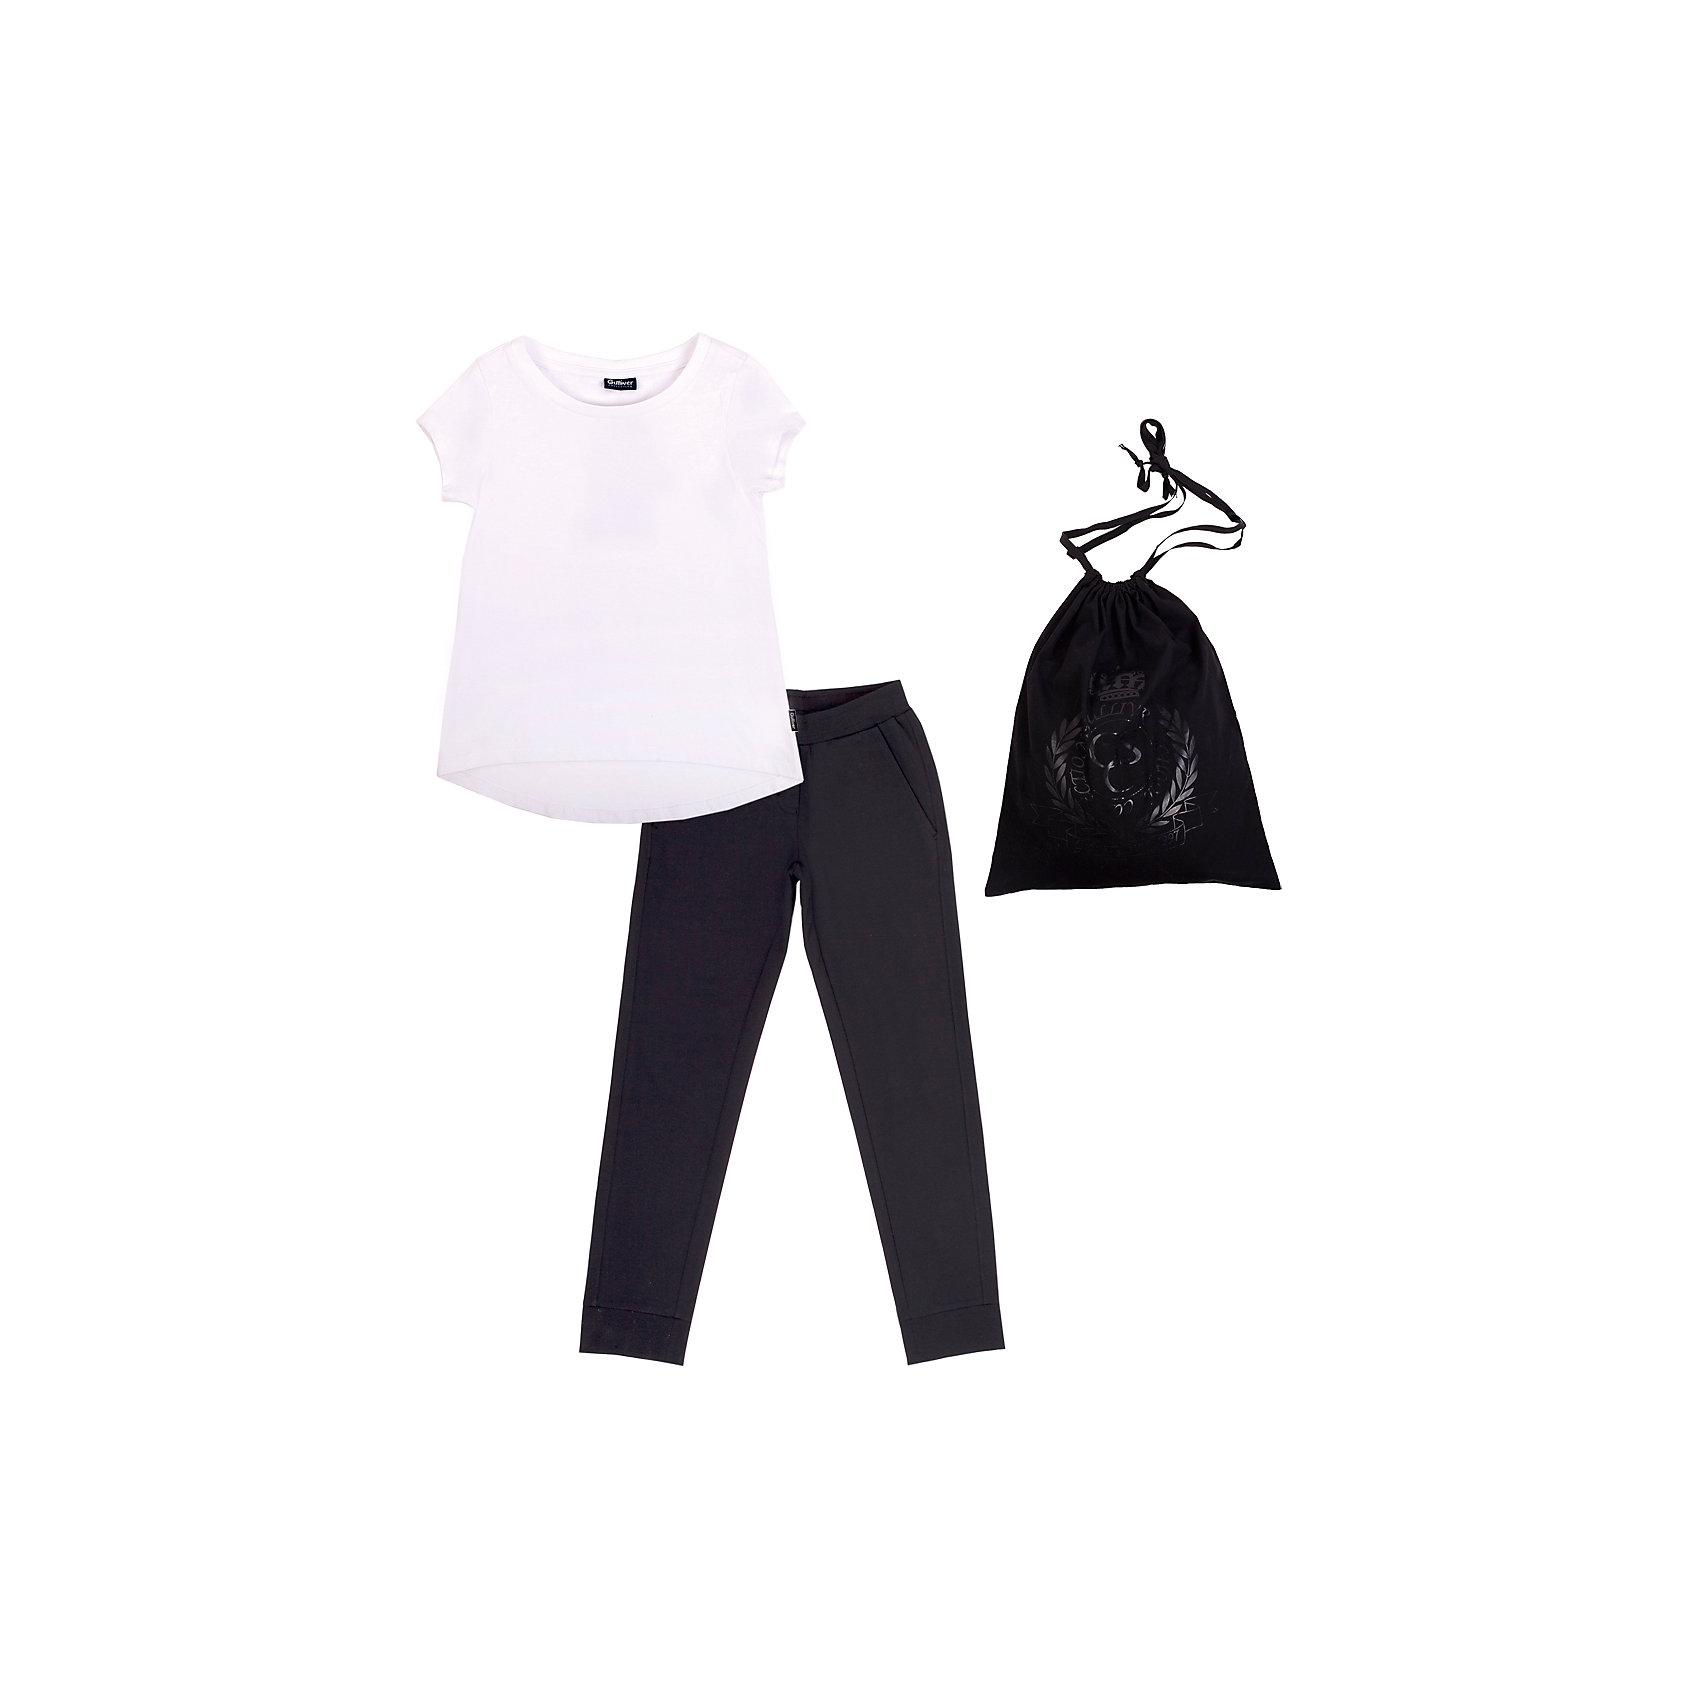 Комплект: футболка и брюки для девочки GulliverКомплекты<br>Комплект: футболка и брюки для девочки от российской марки Gulliver.<br>Белый верх, черный низ - готовое решение для занятий физкультурой и спортом. Прекрасно сидит, элегантно выглядит и, главное, соответствует требованиям школы! Великолепное хлопчатобумажное трикотажное полотно с небольшим содержанием эластана красиво облегает фигуру, не сковывая движений. Удобная фирменная упаковка с мерцающим полимерным принтом черного цвета не позволит затеряться футболке и брюкам  в школьной раздевалке. Также, этот комплект может служить отличным оригинальным подарком ученику к новому учебному году.<br>Состав:<br>Футболка: 95% хлопок 5% эластан           Брюки: 60% хлопок, 35% полиэстер,             5% эластан Мешочек: 100% хлопок<br><br>Ширина мм: 199<br>Глубина мм: 10<br>Высота мм: 161<br>Вес г: 151<br>Цвет: черный/белый<br>Возраст от месяцев: 120<br>Возраст до месяцев: 132<br>Пол: Женский<br>Возраст: Детский<br>Размер: 146,152,158,122,140,128,134<br>SKU: 4174873